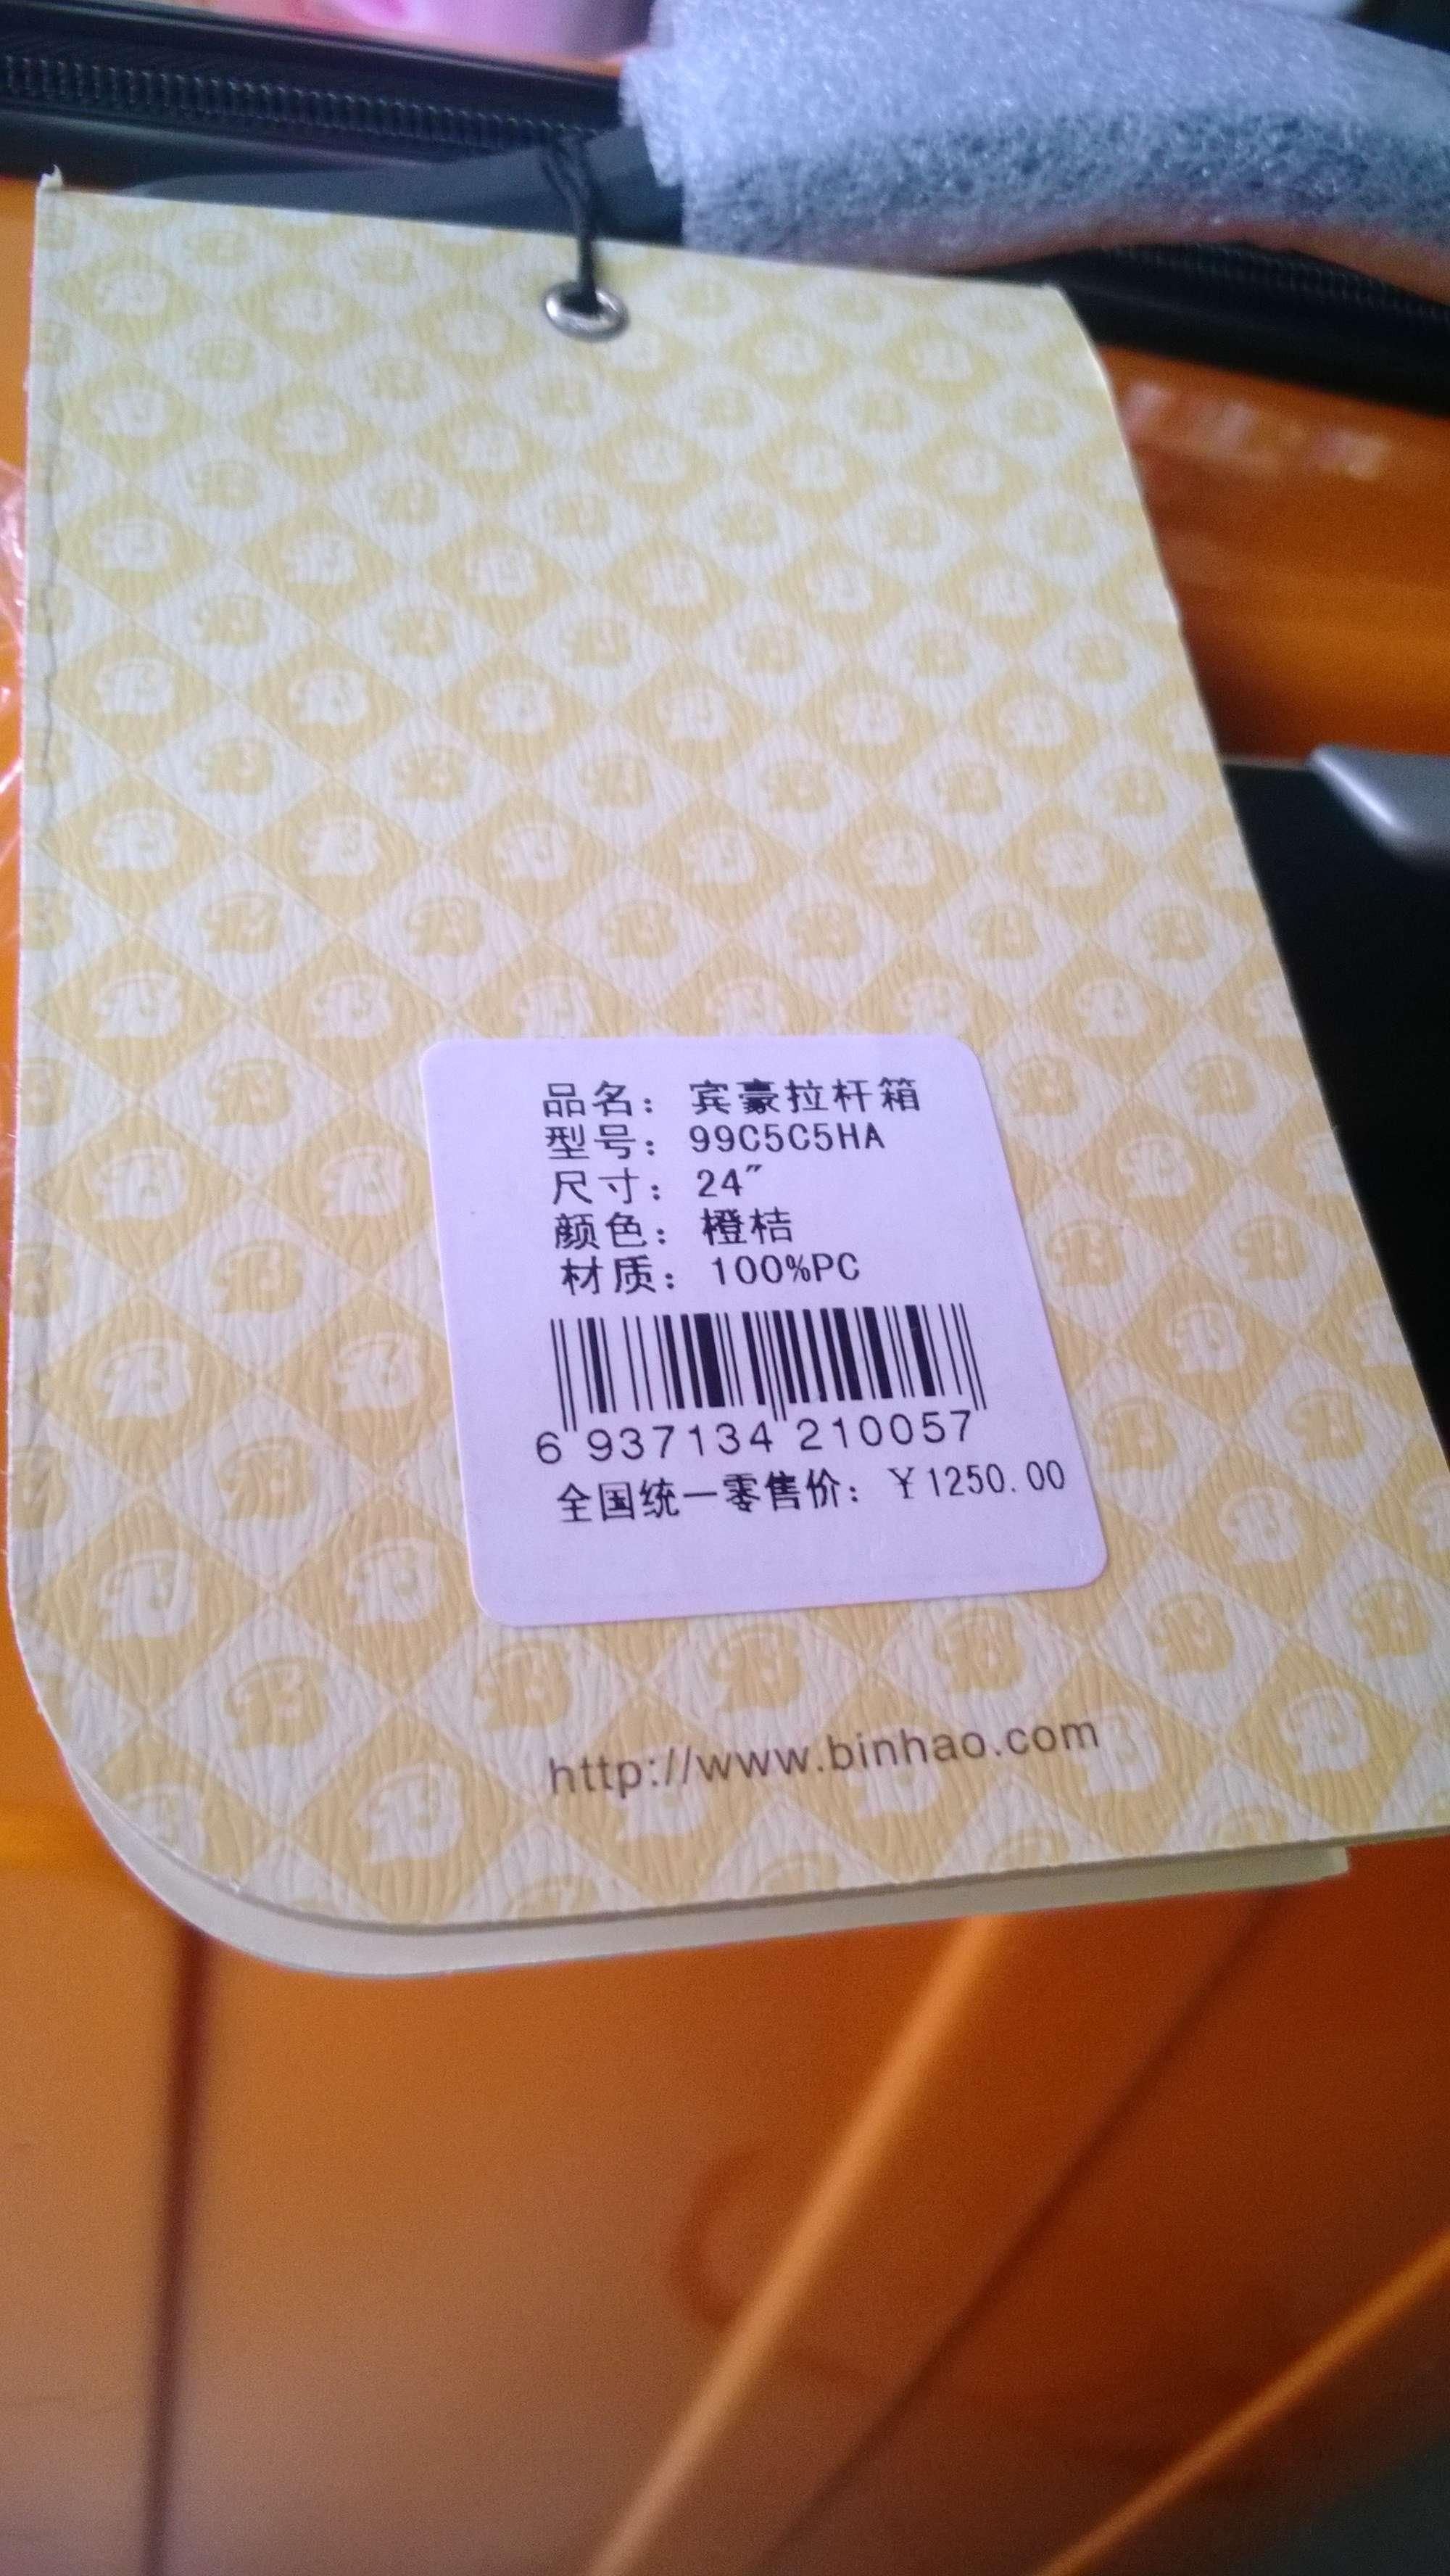 air huaraches jd 00969750 cheapest